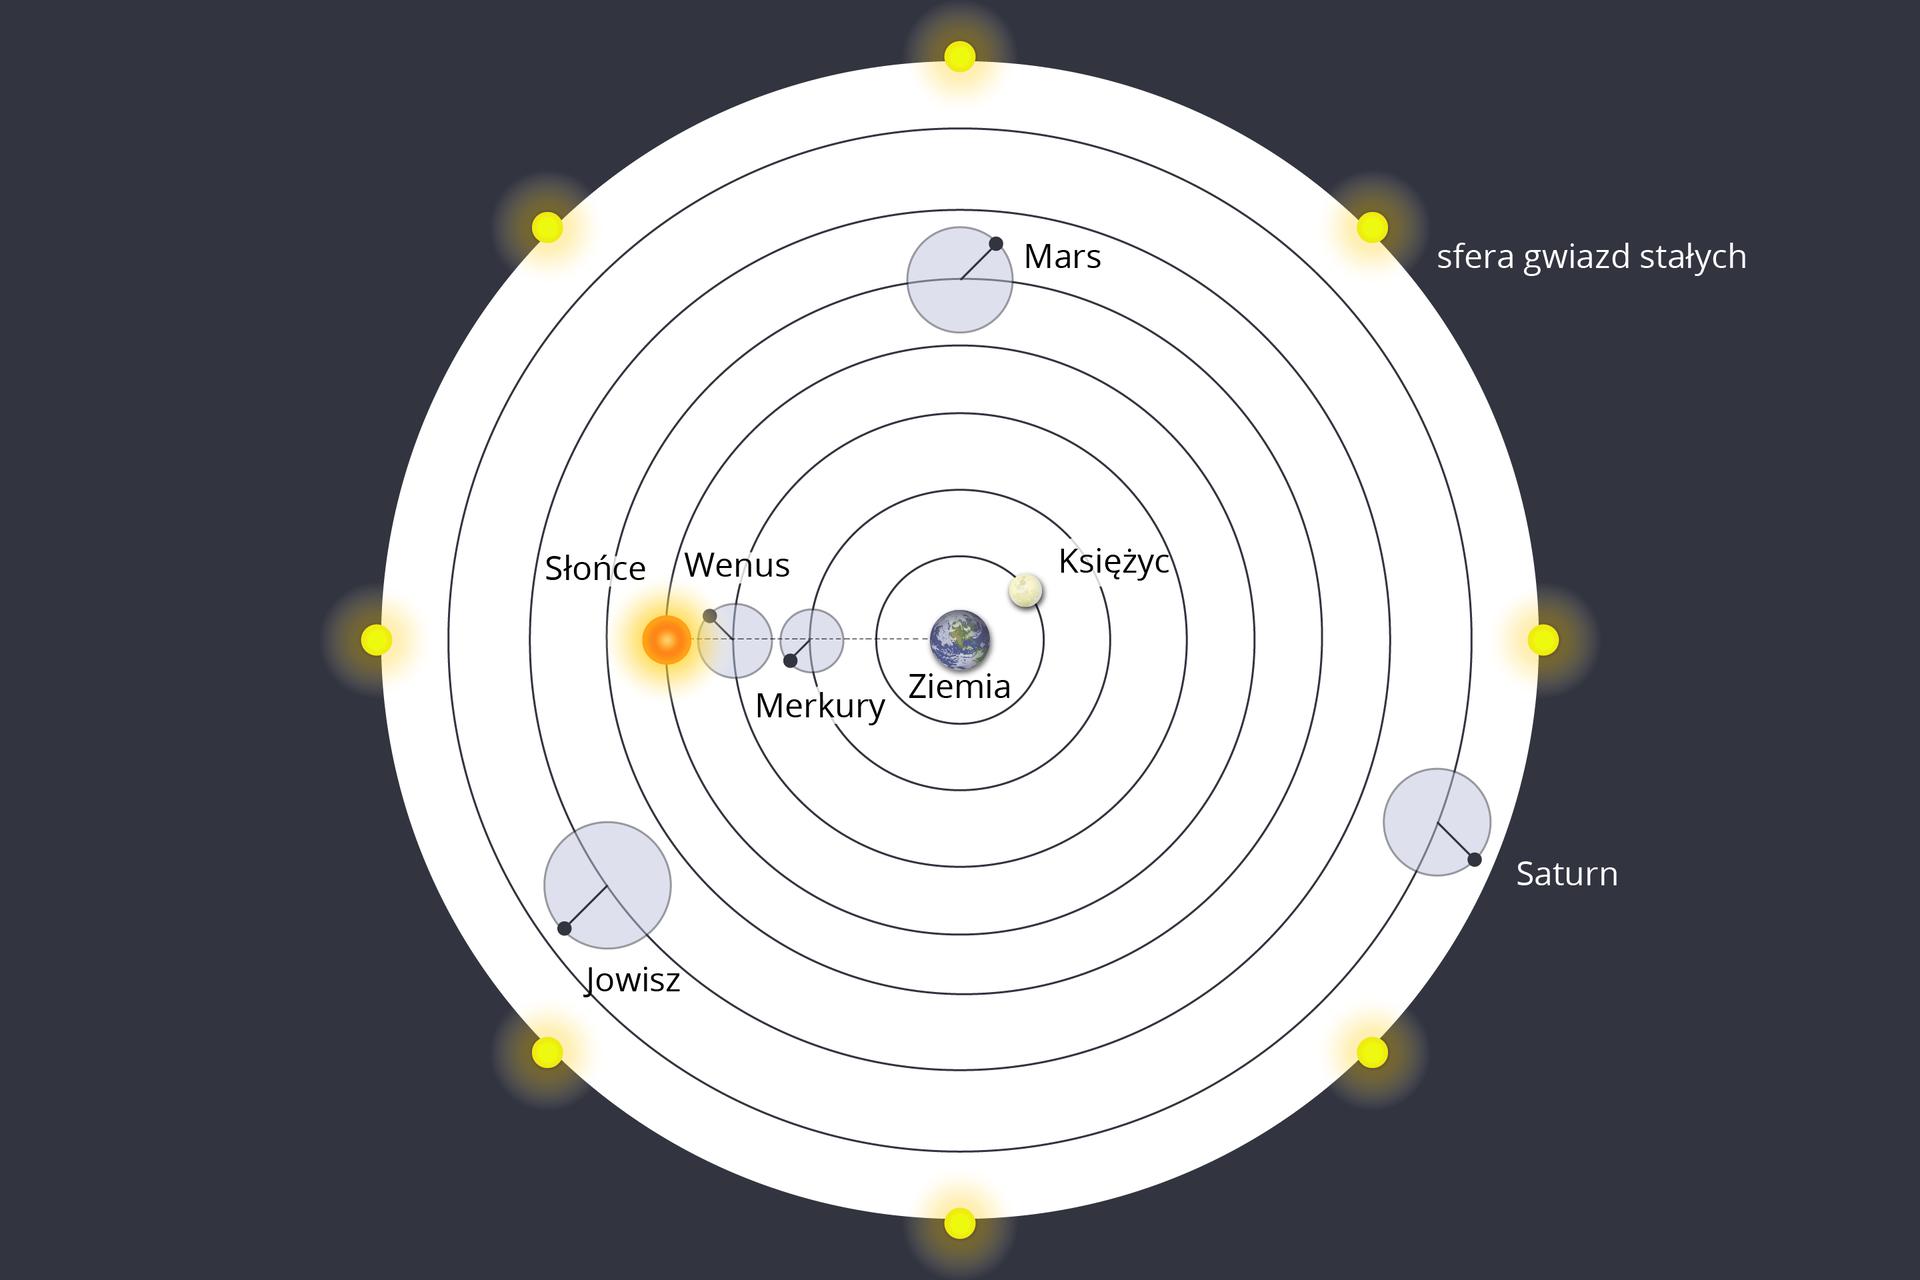 """Ilustracja przedstawiająca system geocentryczny, wktórym Ziemia zajmuje wstosunku do innych ciał niebieskich centralne położenie. Tło ciemnoszare. Na środku białe koło, na jego brzegach żółte punkty – """"strefa gwiazd stałych"""". Wśrodku znajduje się 7 okręgów, ułożonych kolejno wewnątrz siebie, od największego do najmniejszego. Wewnątrz najmniejszego znajduje się Ziemia. Na pierwszym od Ziemi – Księżyc. Na drugim od Ziemi – Merkury. Na trzecim – Wenus. Na czwartym Słońce. Na piątym Mars. Na szóstym – Jowisz. Na siódmym – Saturn."""